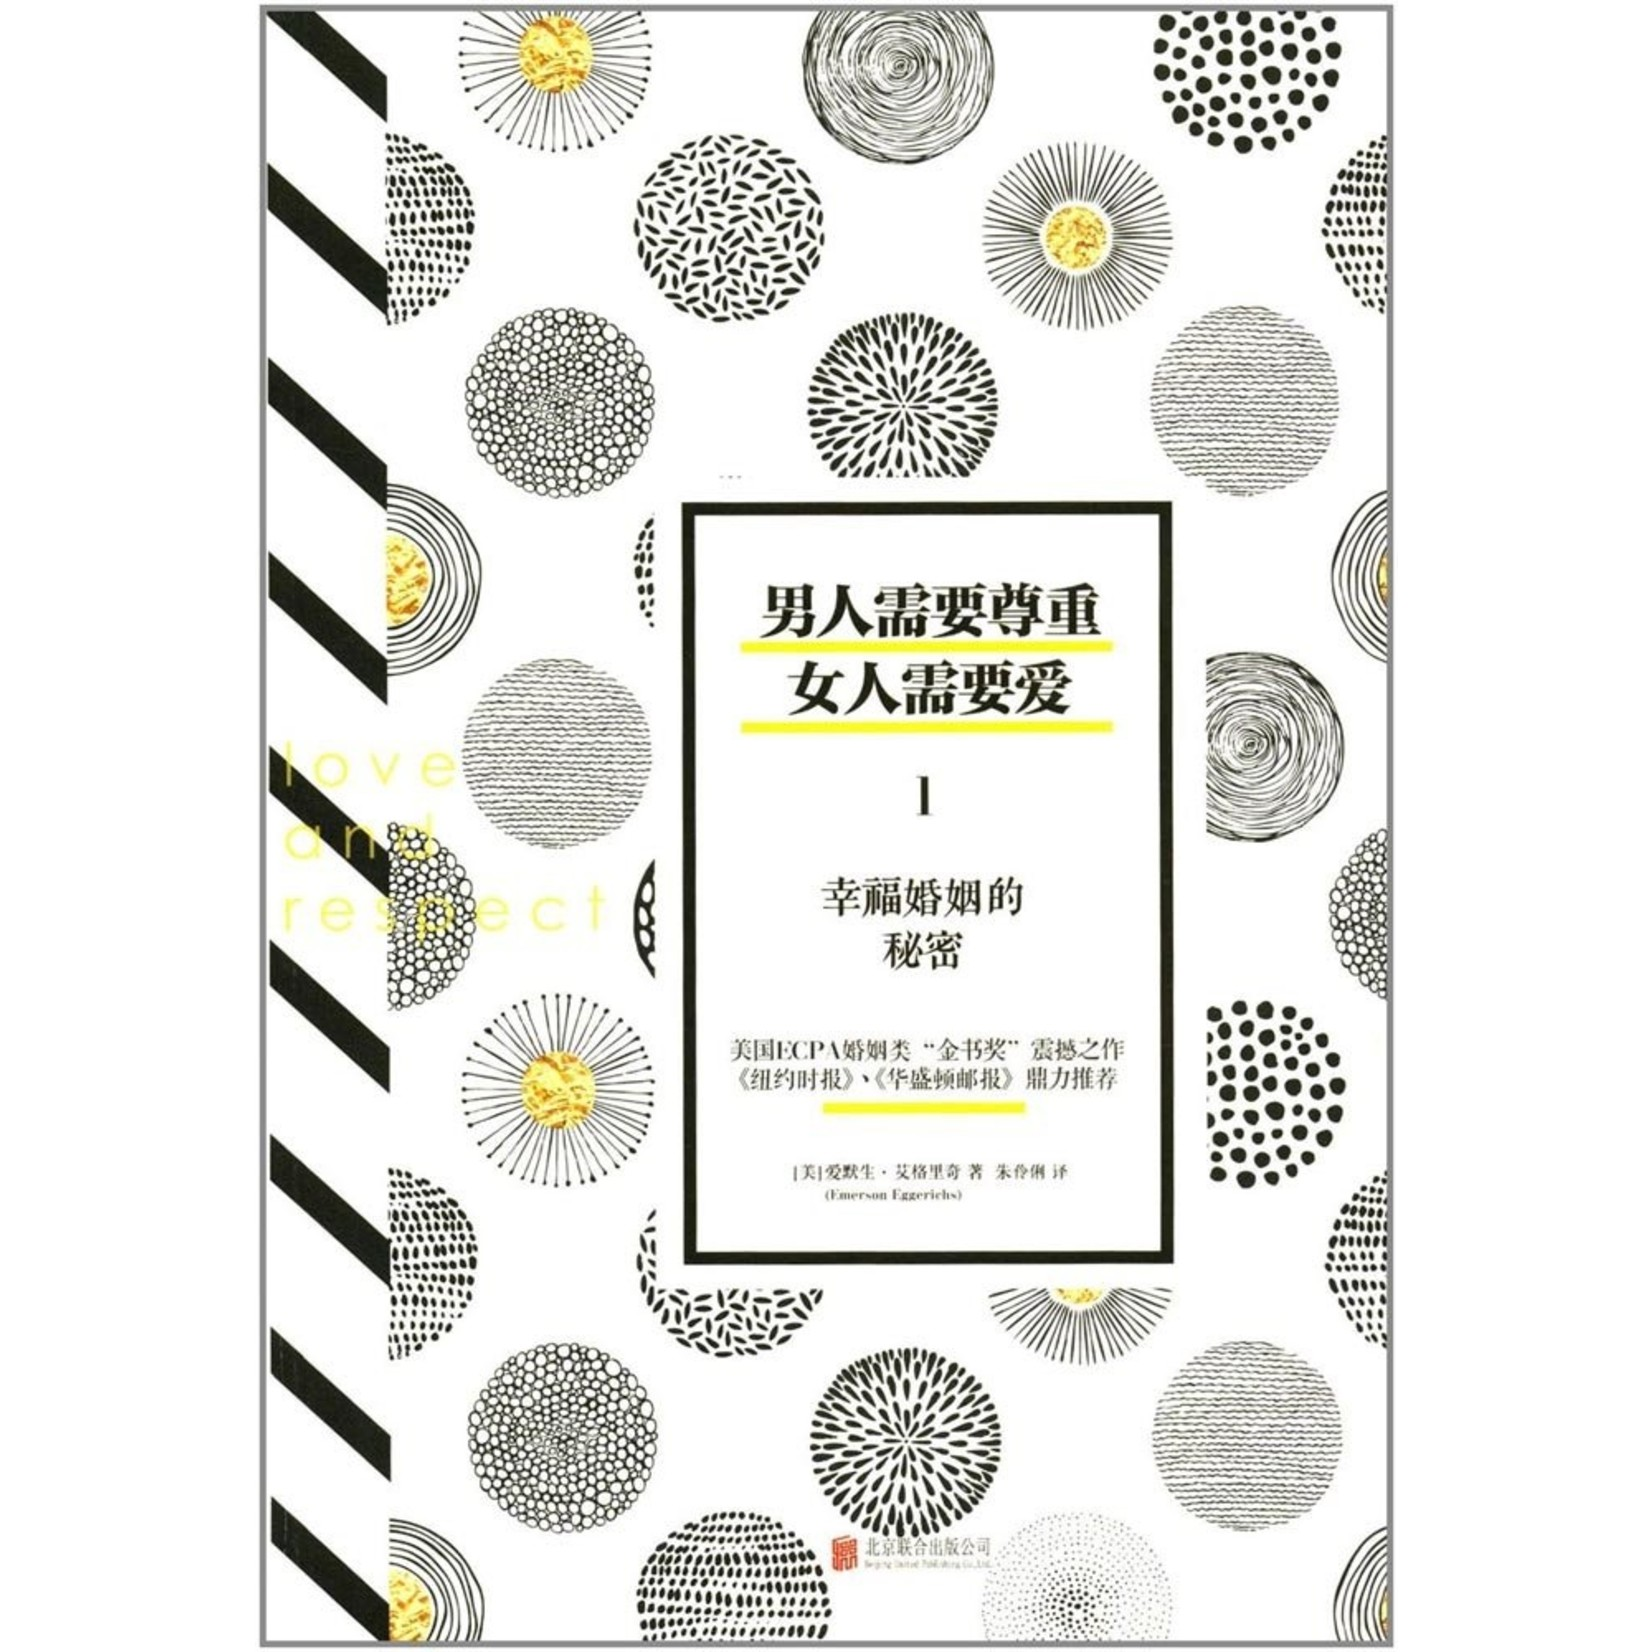 北京聯合出版公司 (CN) 男人需要尊重,女人需要爱1:幸福婚姻的秘密 Love And Respect 1